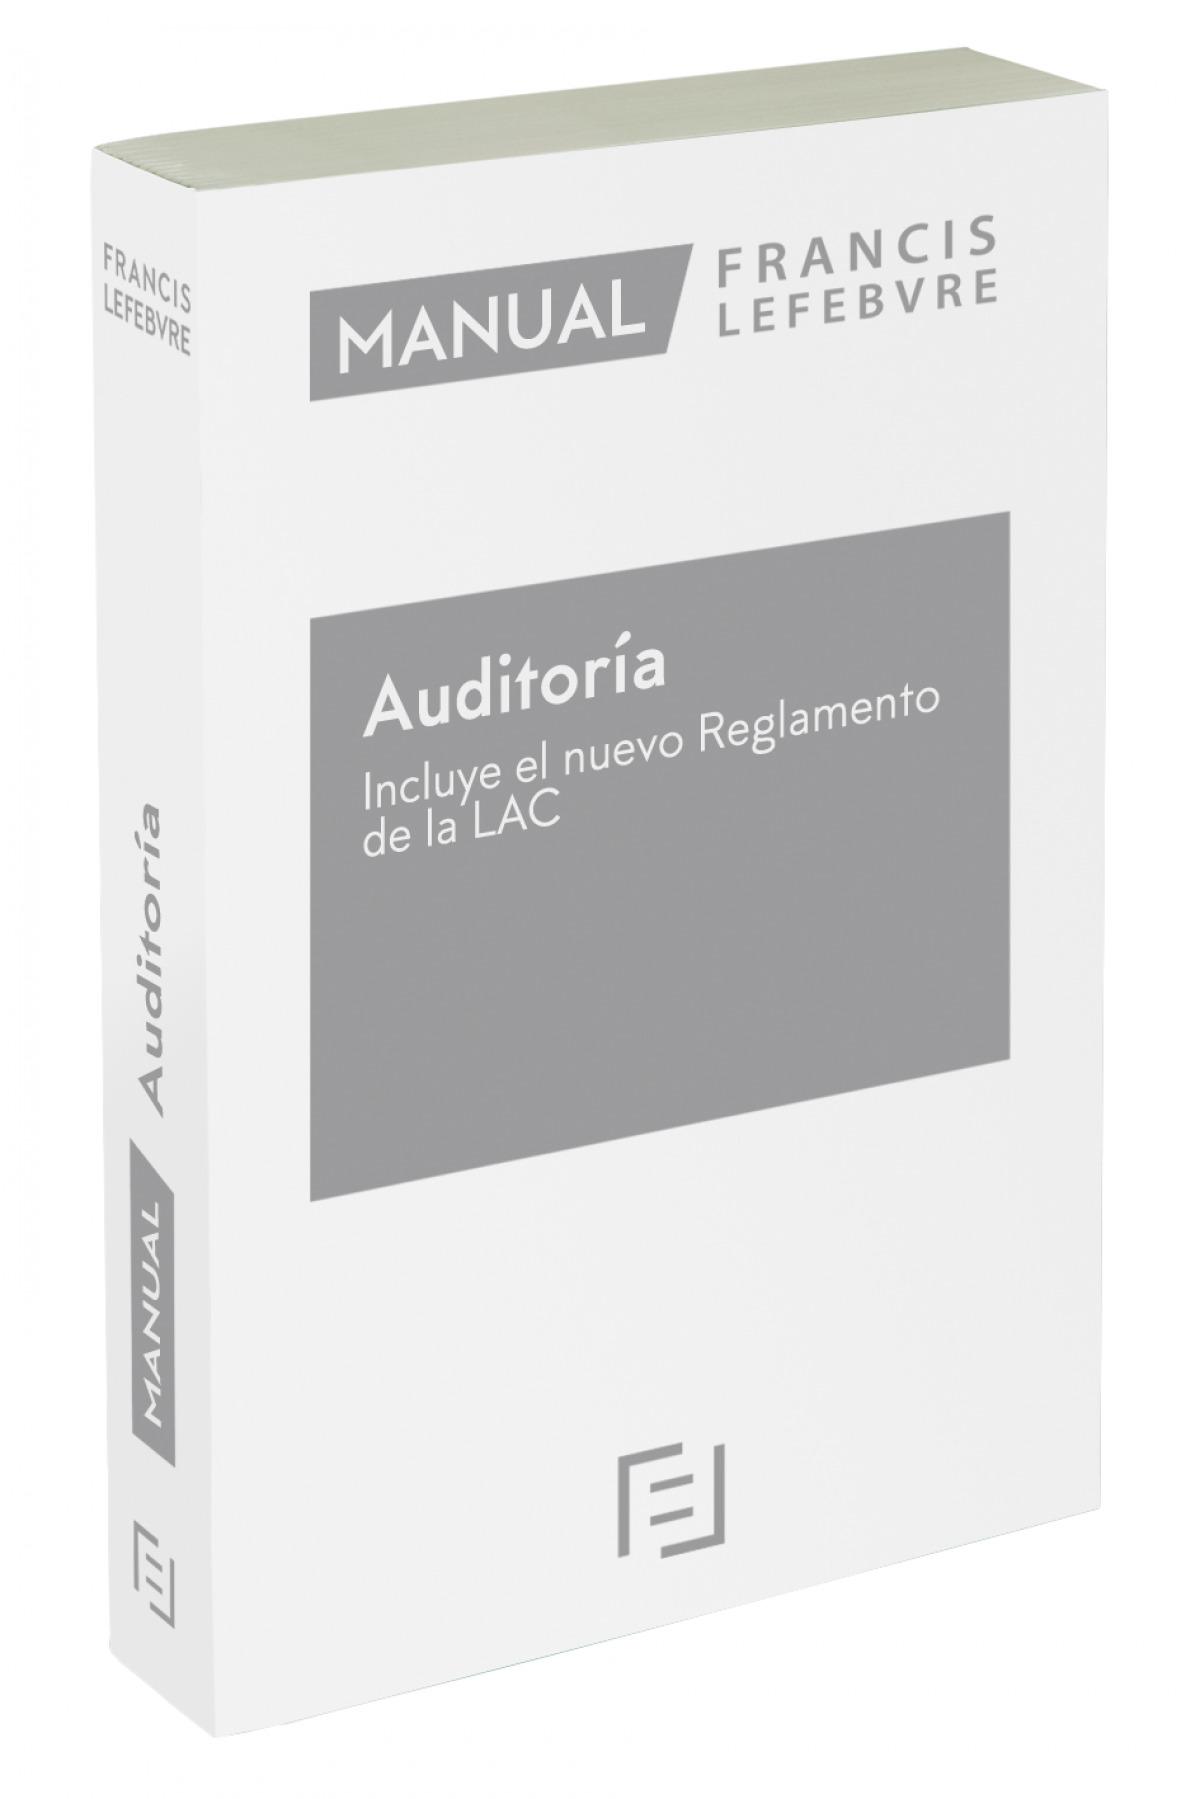 Manual de Auditoría ? Incluye el nuevo Reglamento de la LAC 2021